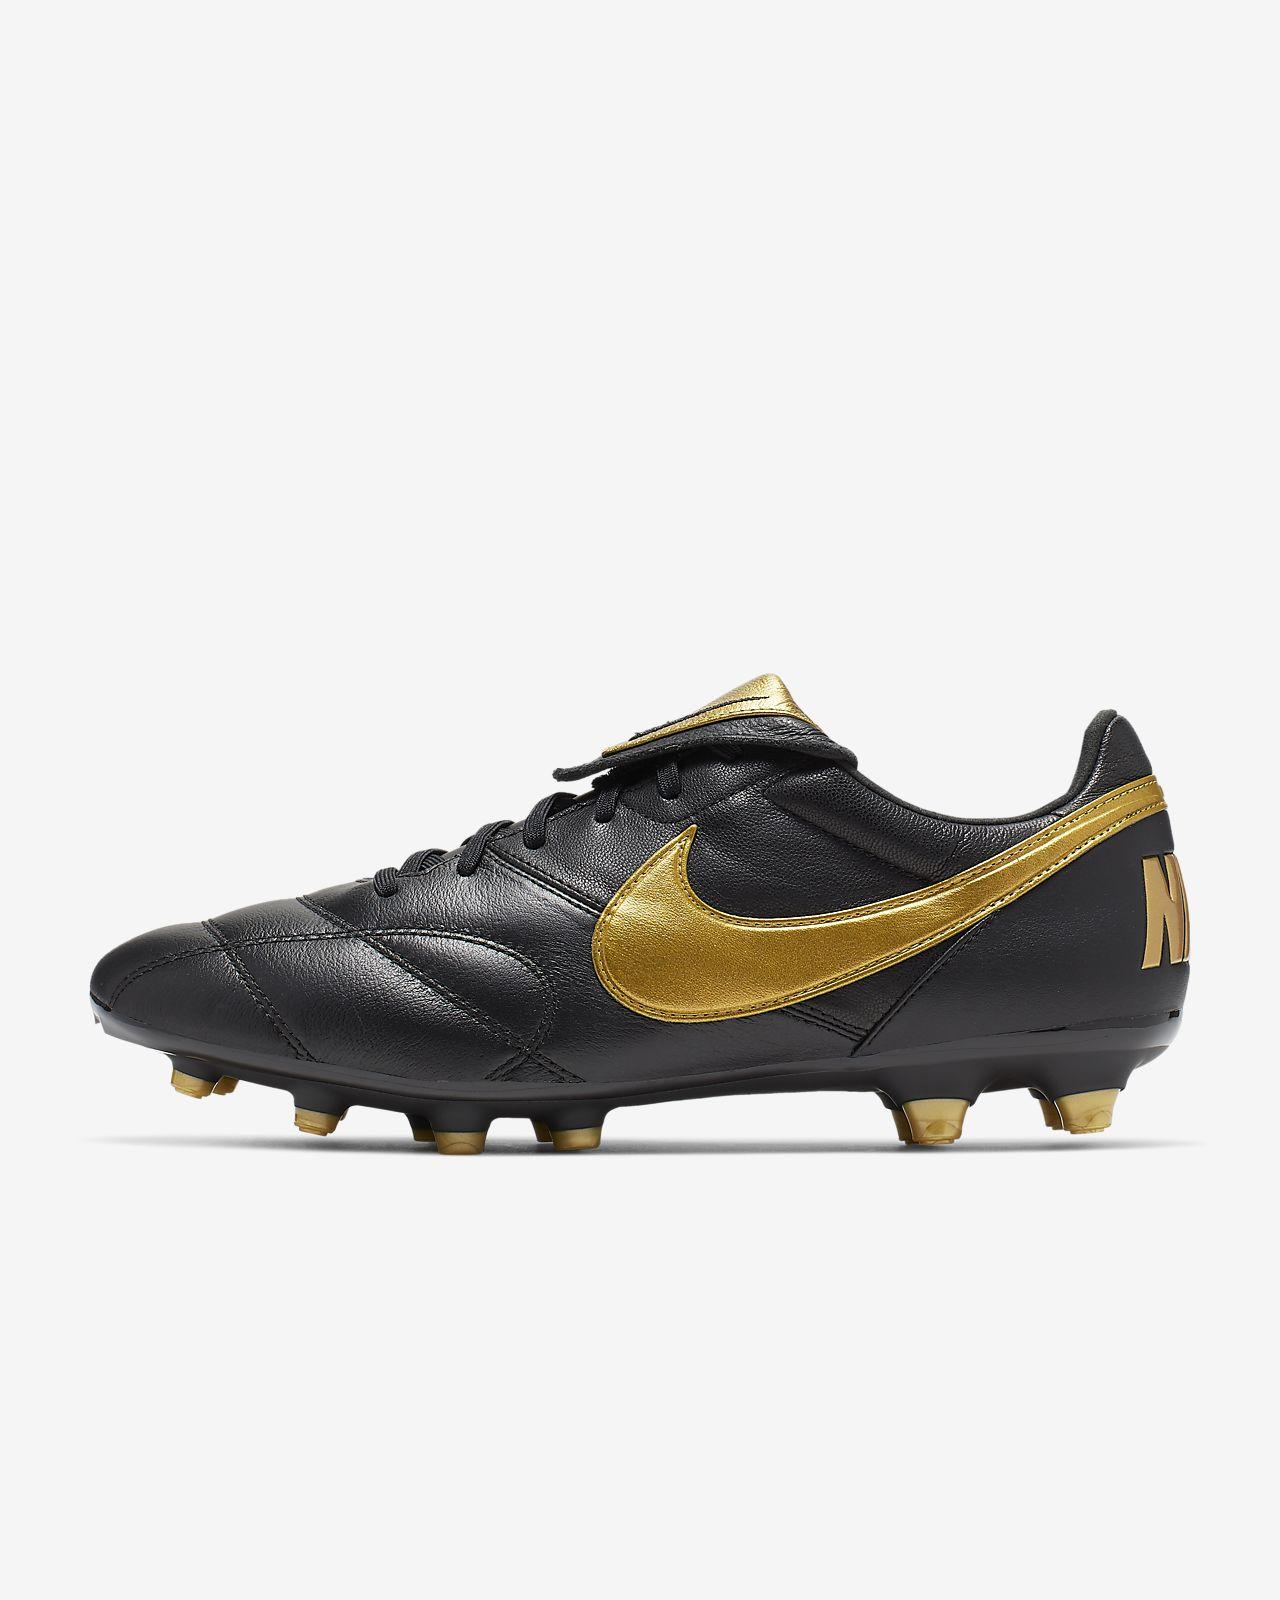 6360fb73 Calzado de fútbol para terreno firme Nike Premier II FG. Nike.com CL